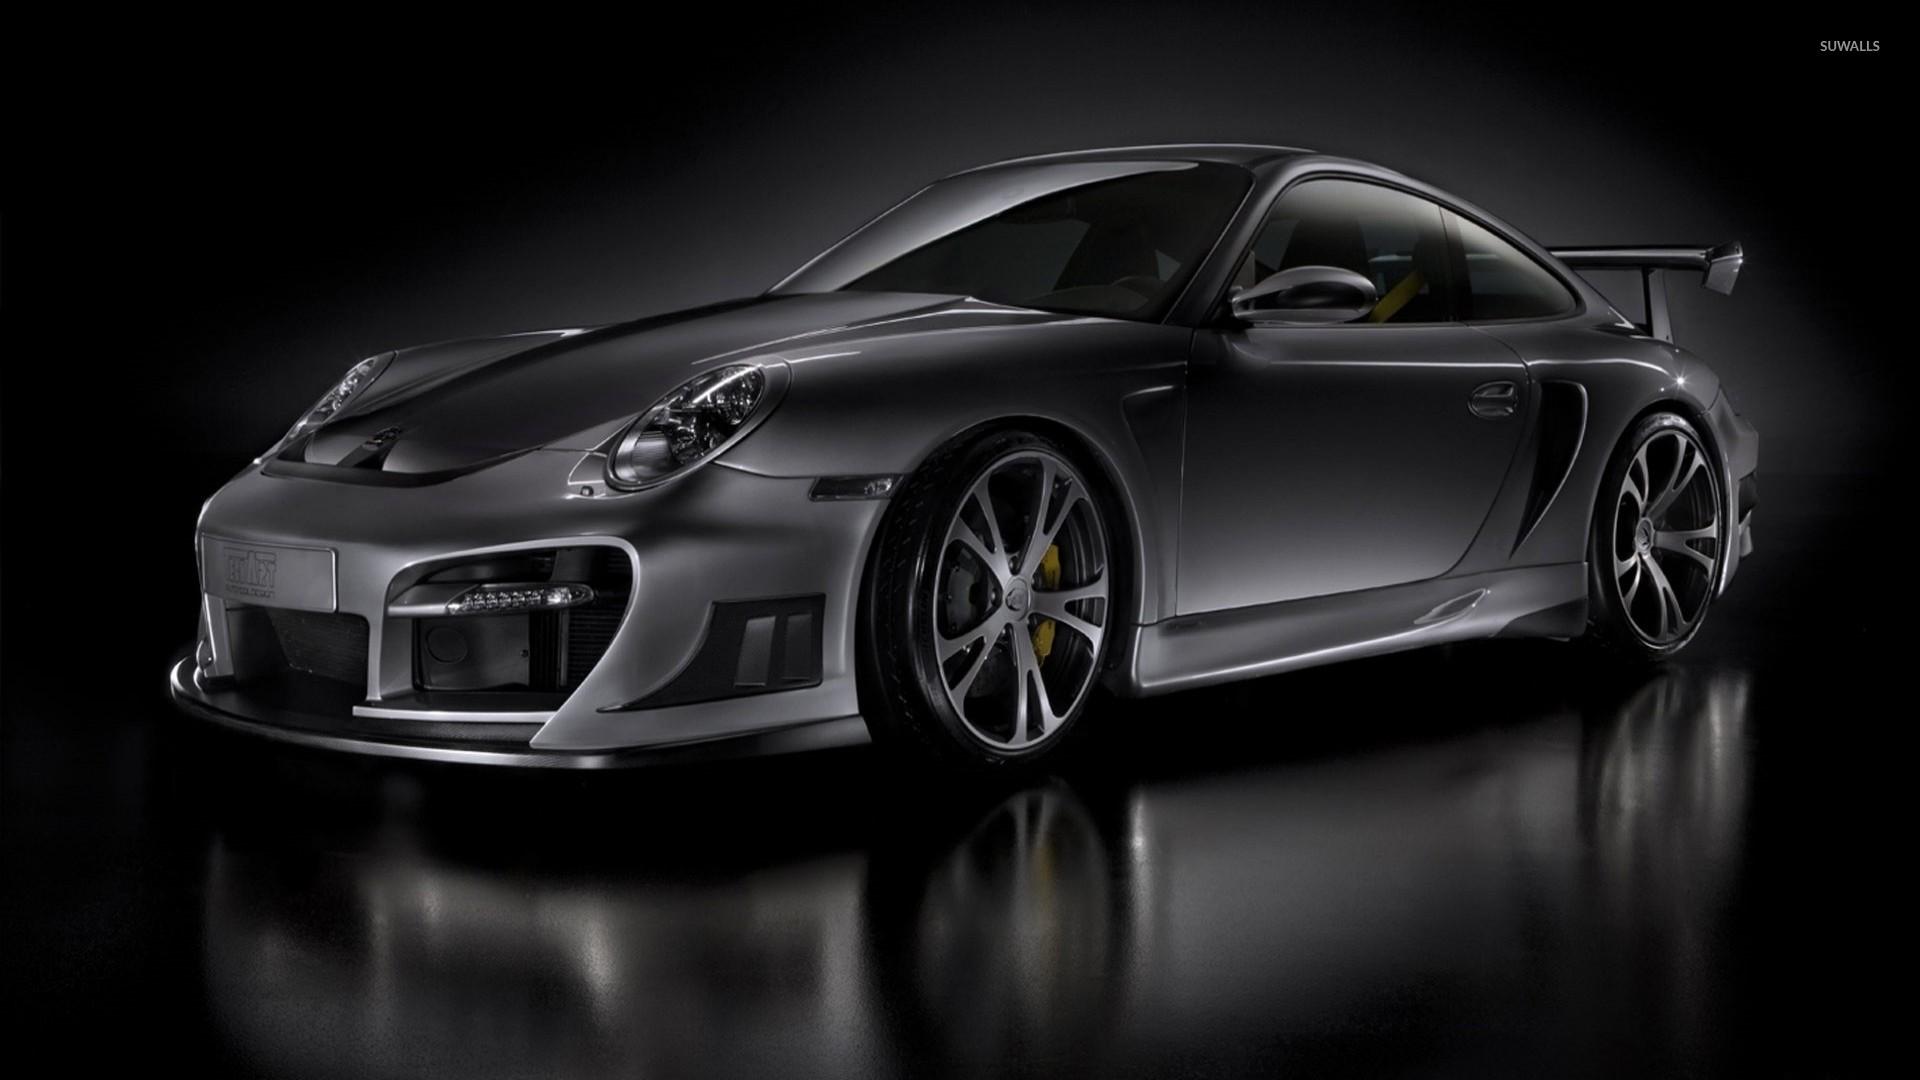 techart porsche 911 turbo gtstreet r wallpaper